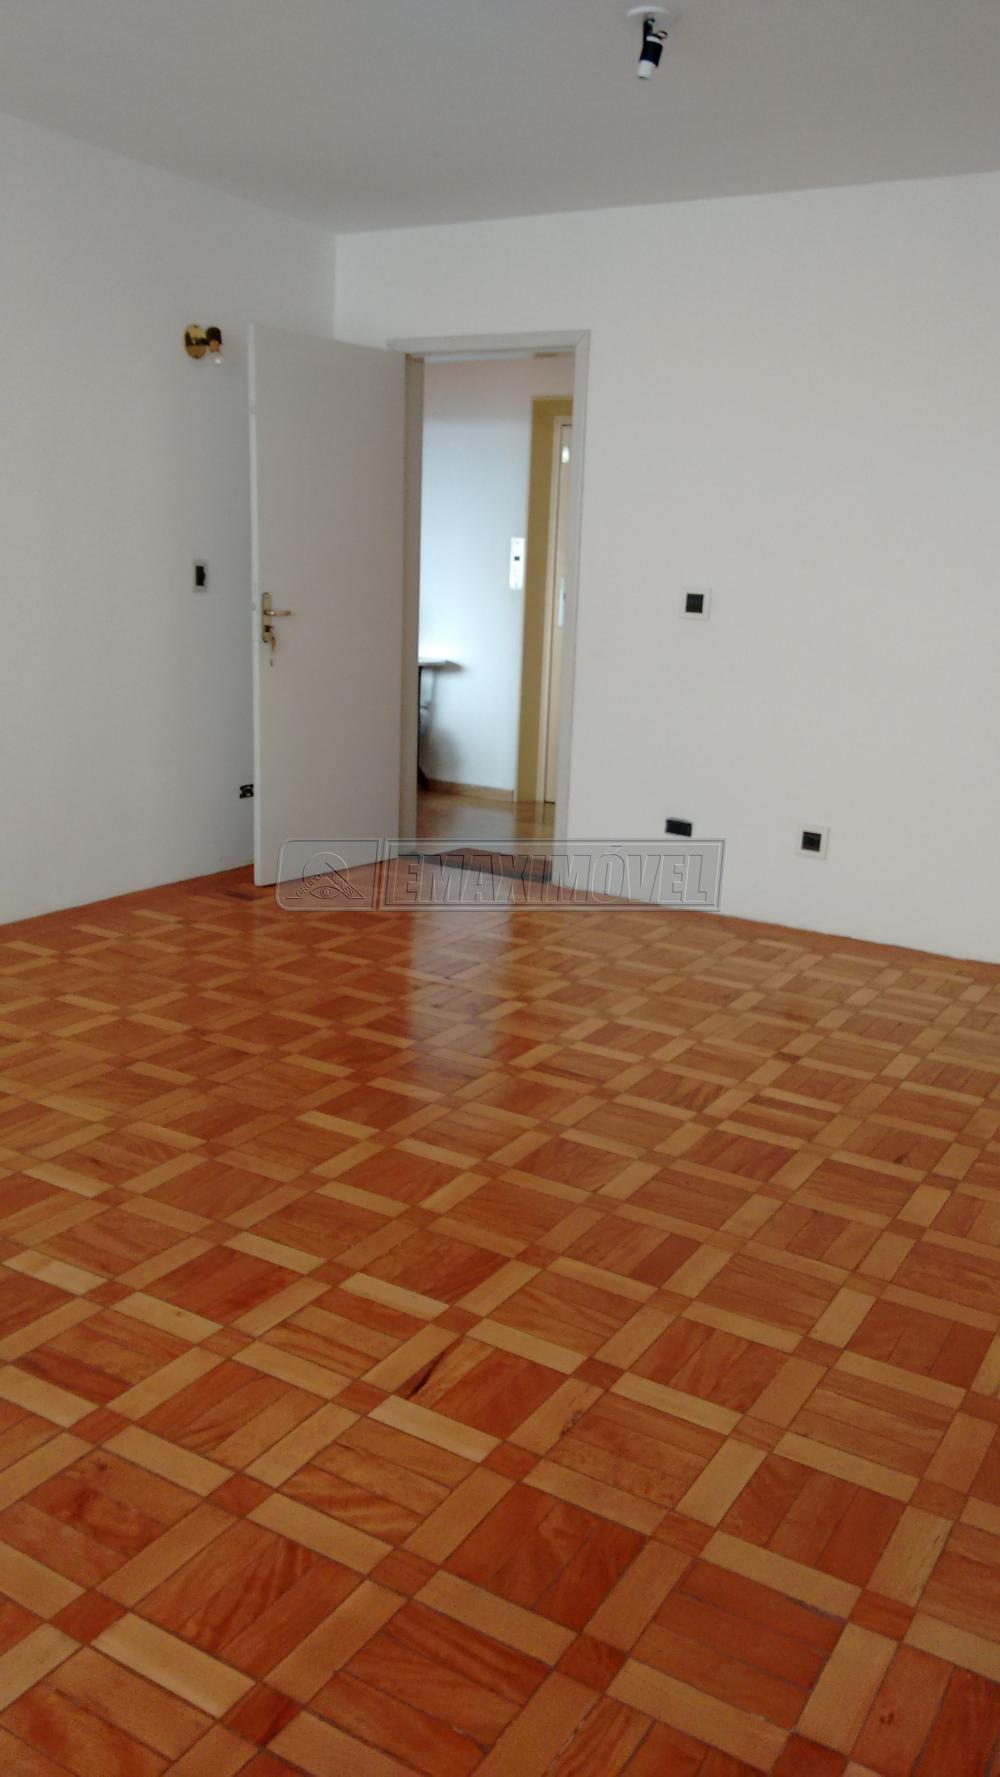 Alugar Apartamento / Padrão em Sorocaba R$ 700,00 - Foto 5